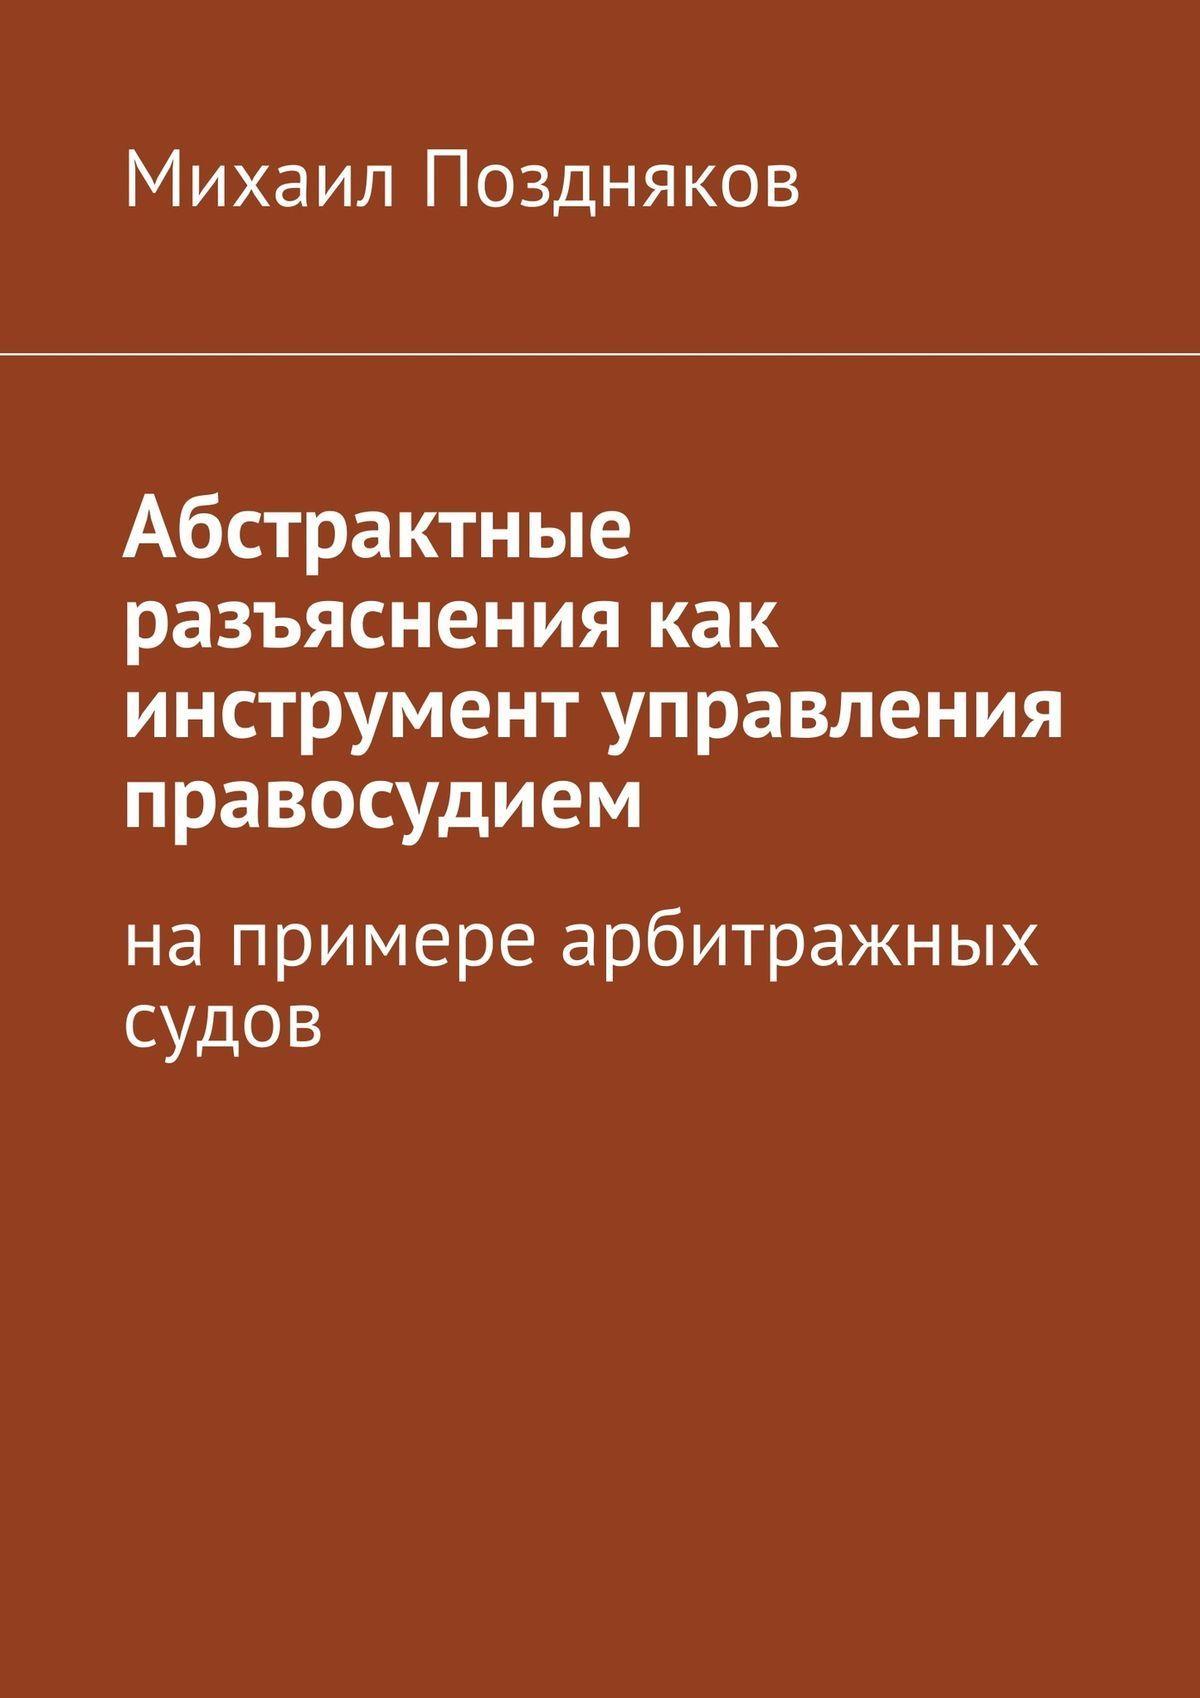 Михаил Поздняков Абстрактные разъяснения как инструмент управления правосудием. На примере арбитражных судов